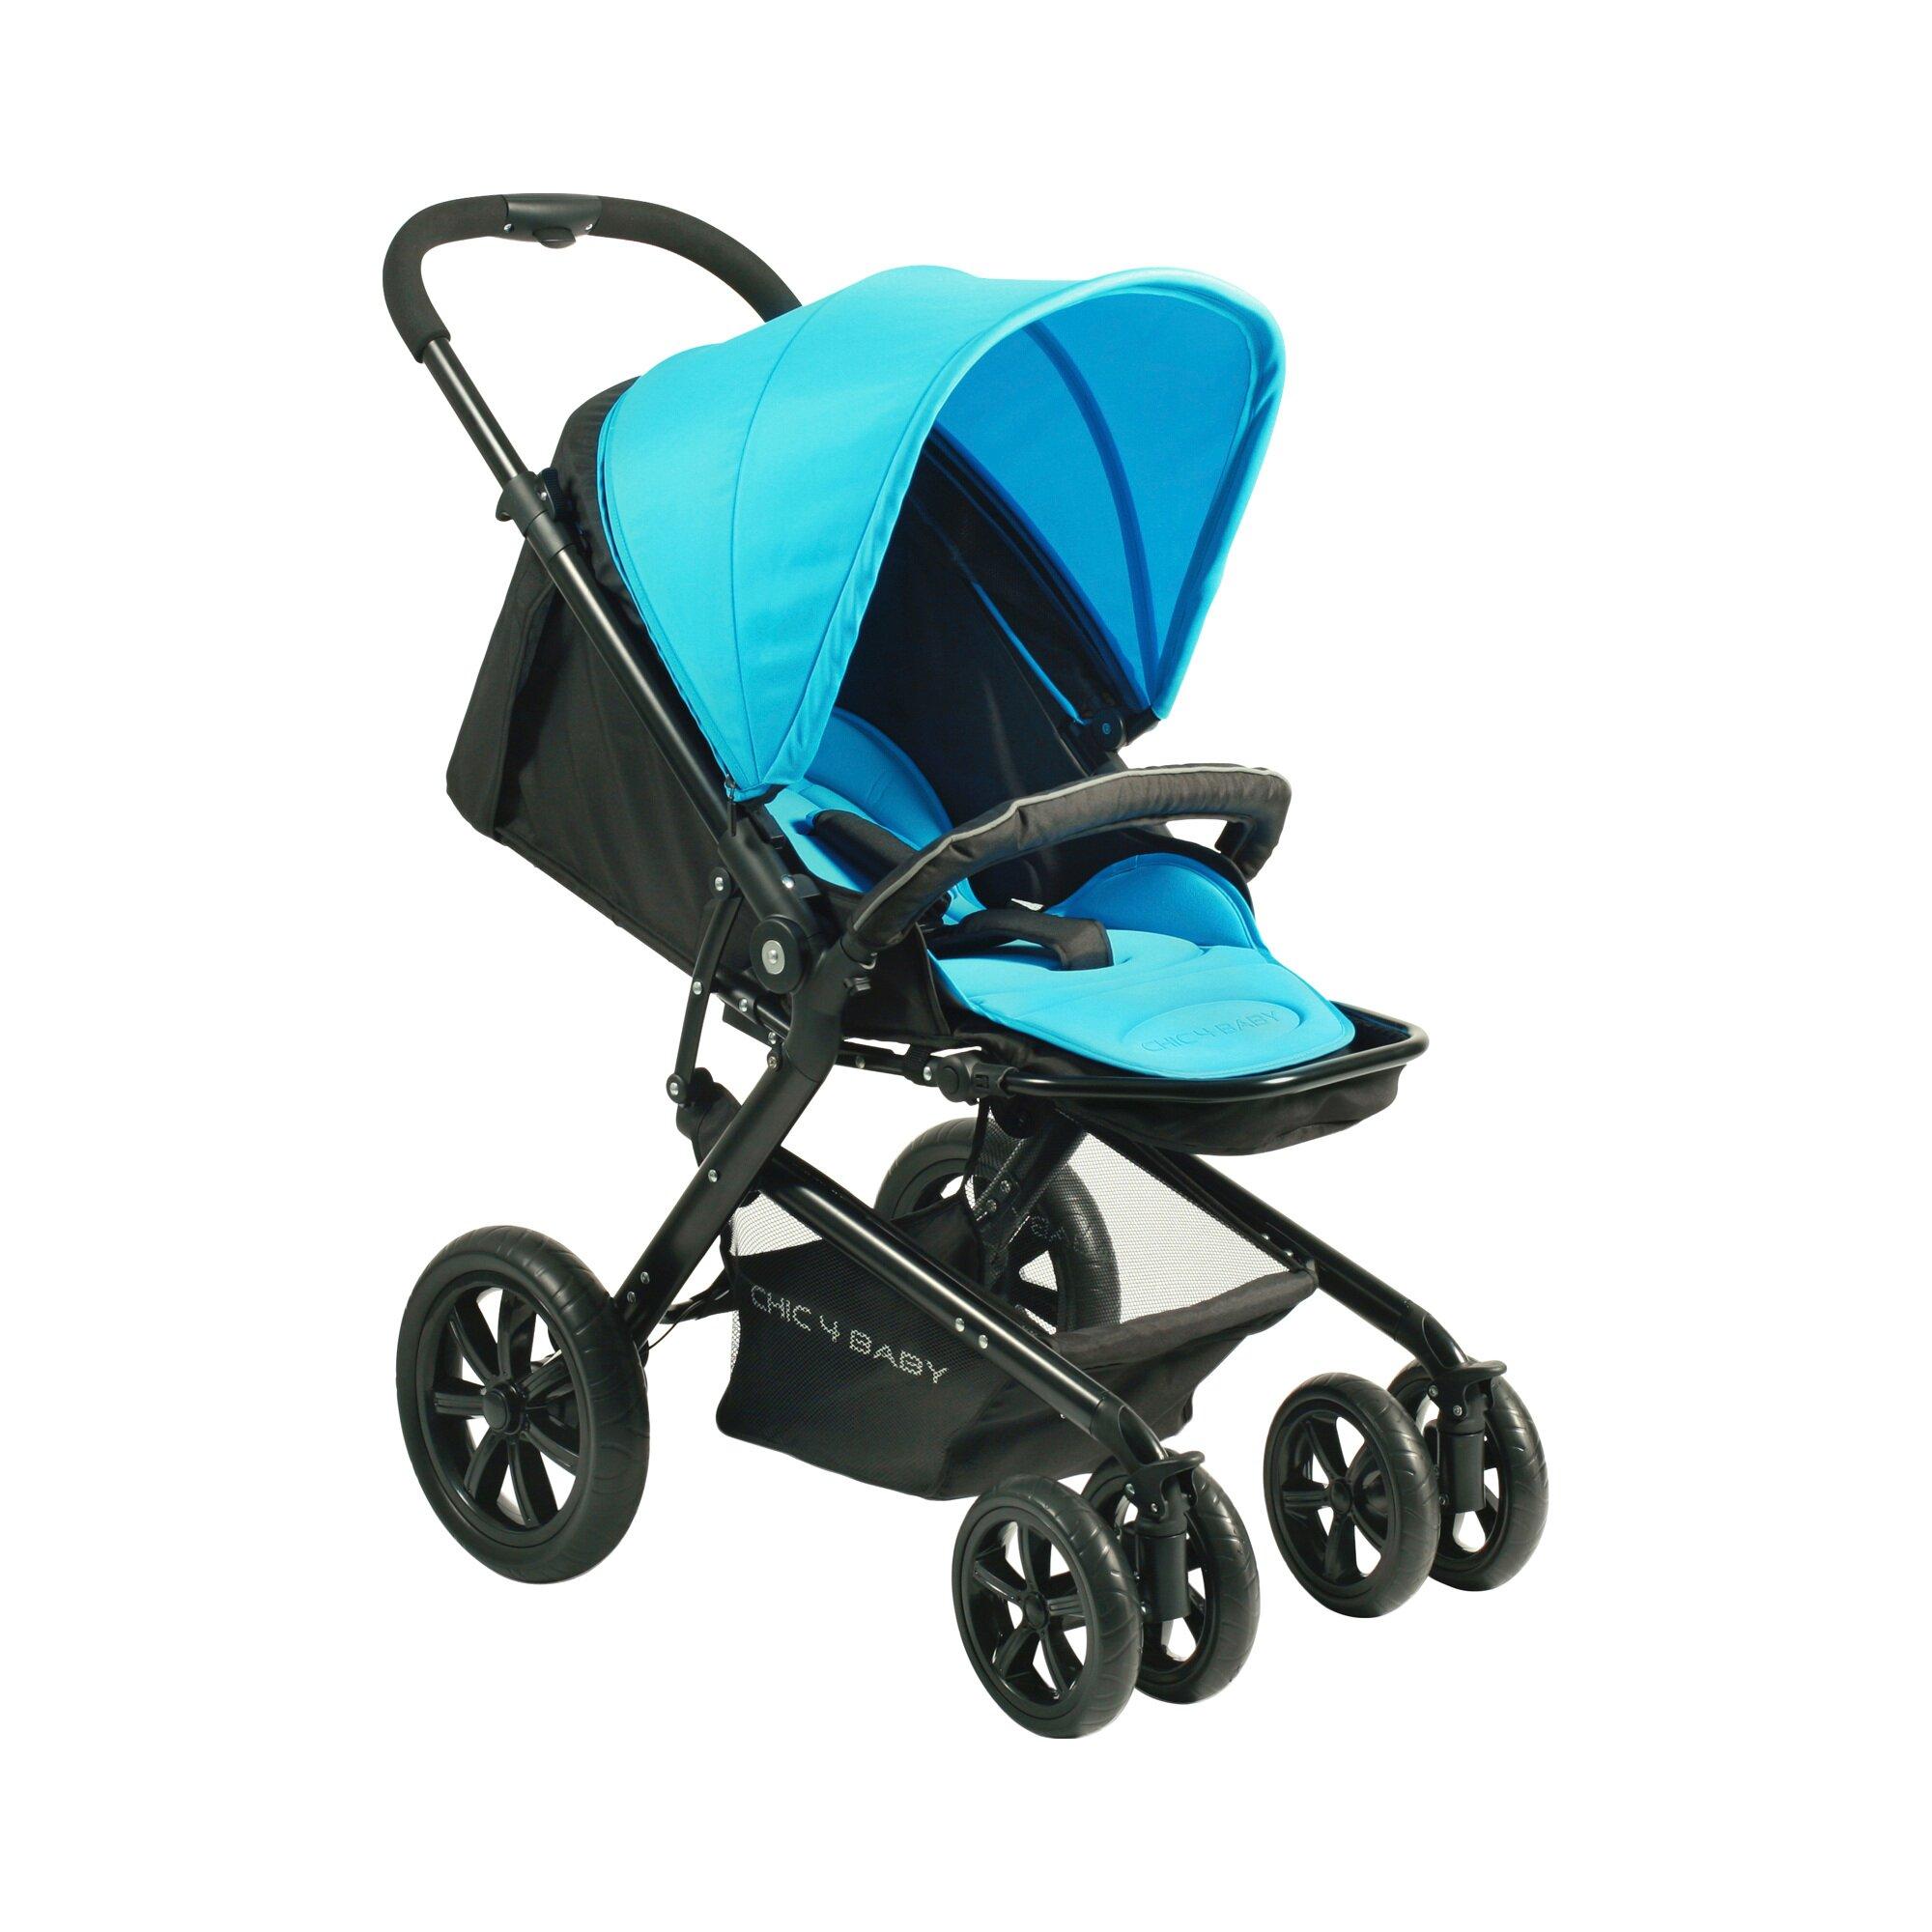 chic-4-baby-kinderwagen-sportwagen-passo-design-2016-blau, 183.99 EUR @ babywalz-de